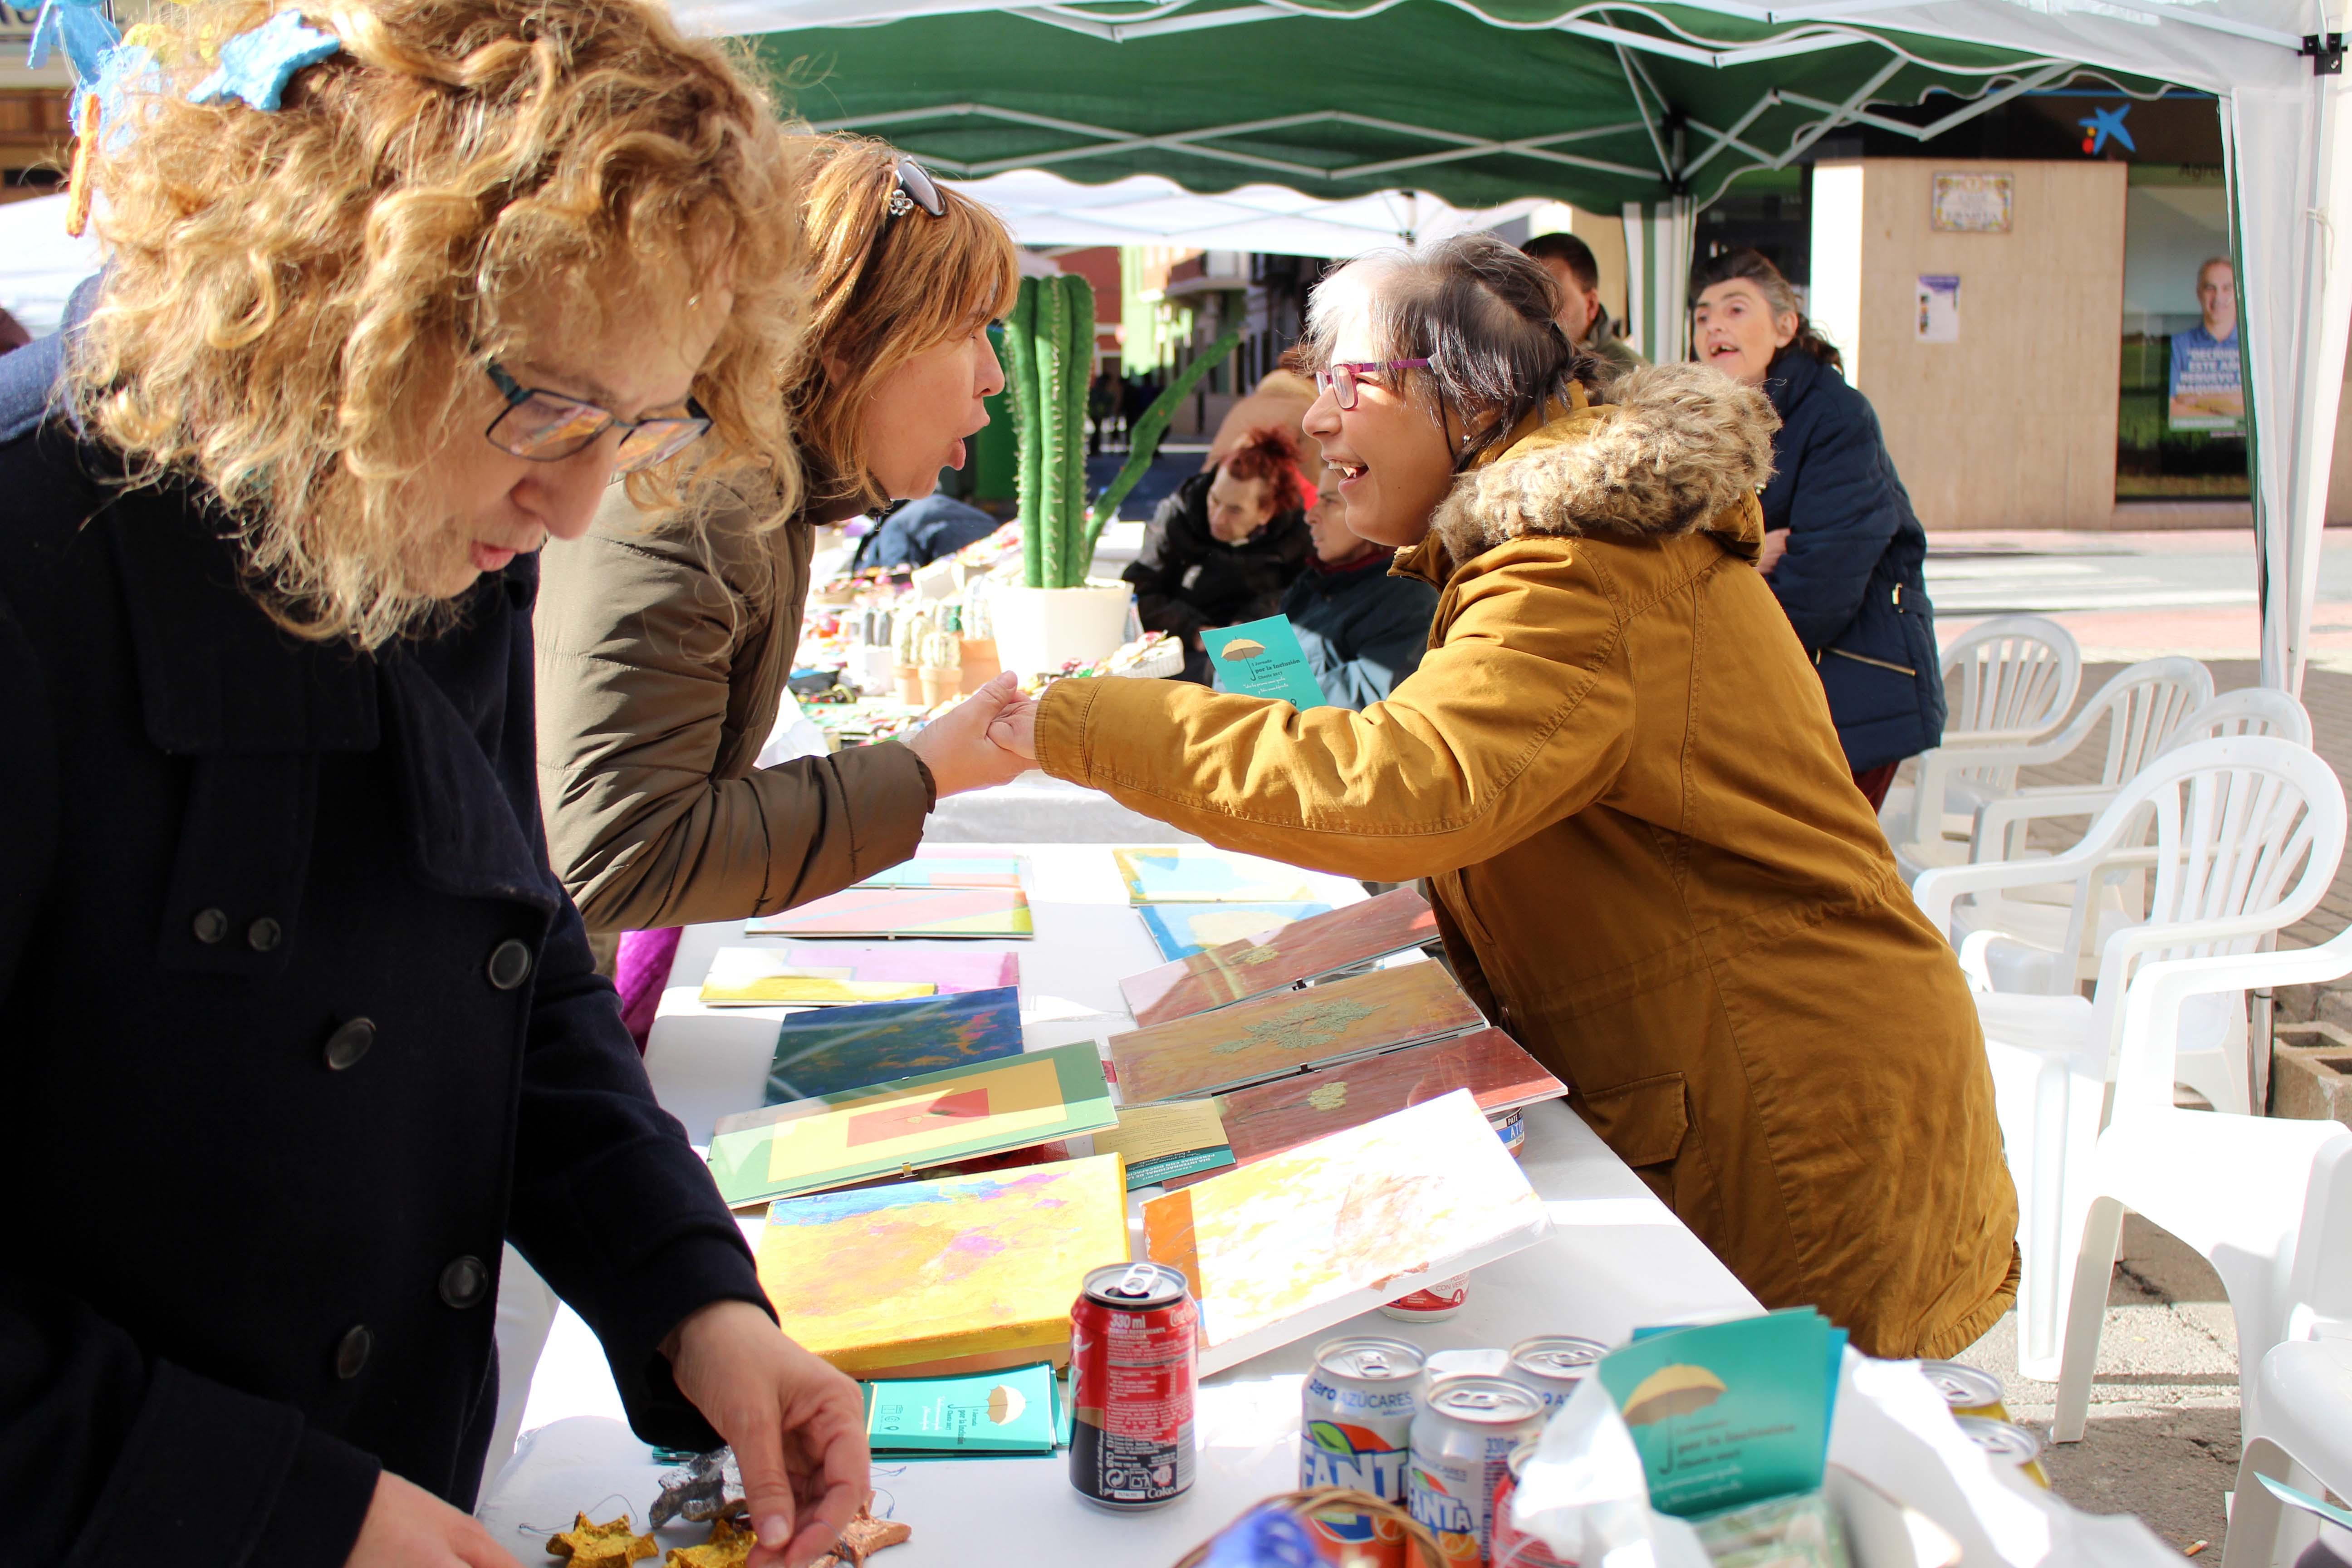 Paralelamente a la realización de los talleres se abría al público una exposición en la que las entidades participantes pudieron vender algunas de sus piezas artesanales.